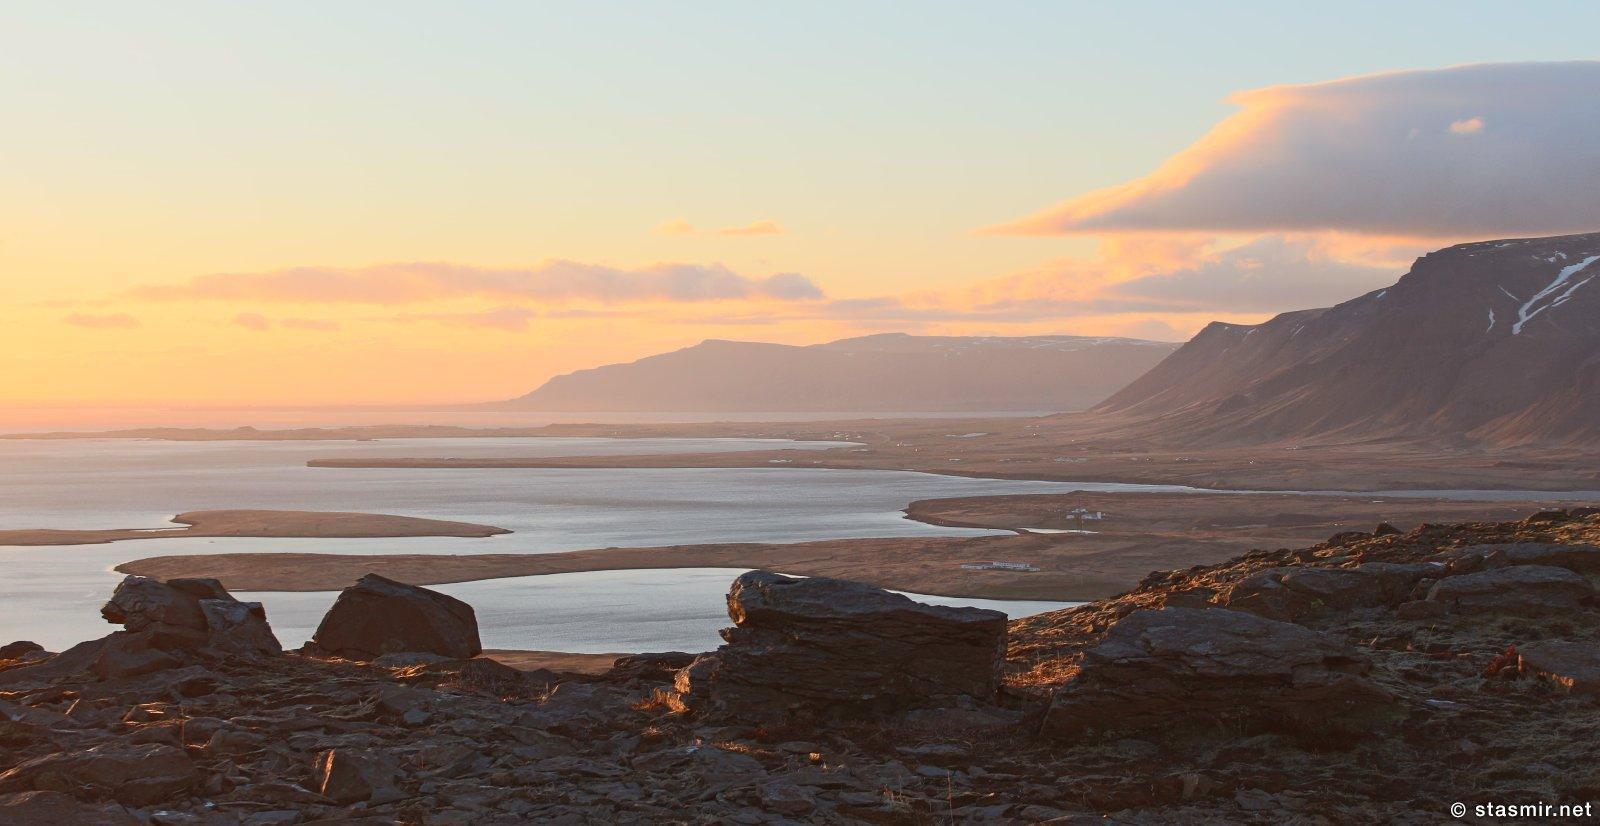 Гардюр, ноктюрн-закат на полуострове Рейкьянес у маяка Гардюр, Garður, Reykjanes, photo stasmir, Фото Стасмир